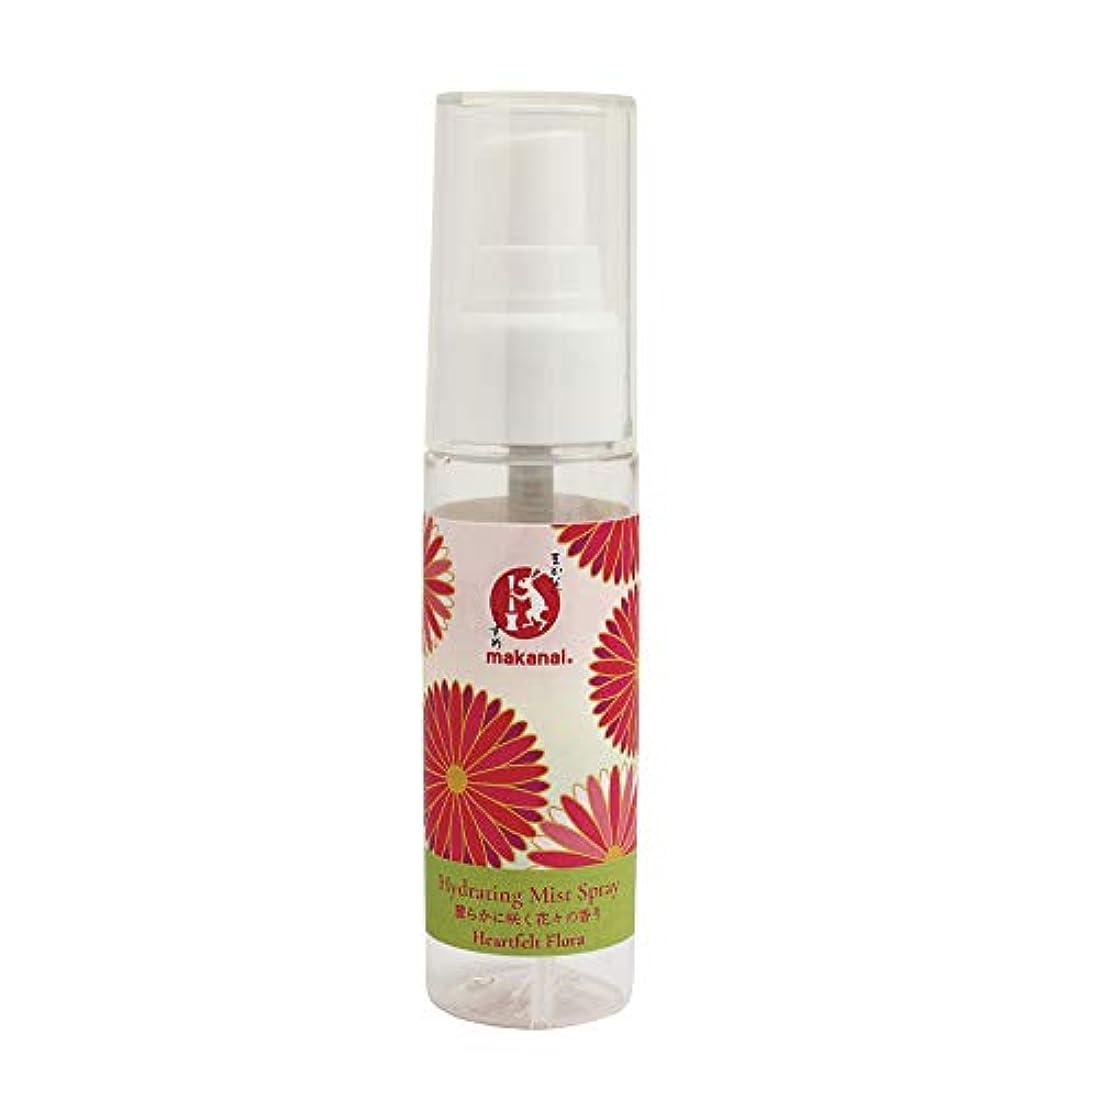 紳士親下品まかないこすめ もっとうるおいたい日の保湿スプレー(麗らかに咲く花々の香り) 50ml 化粧水